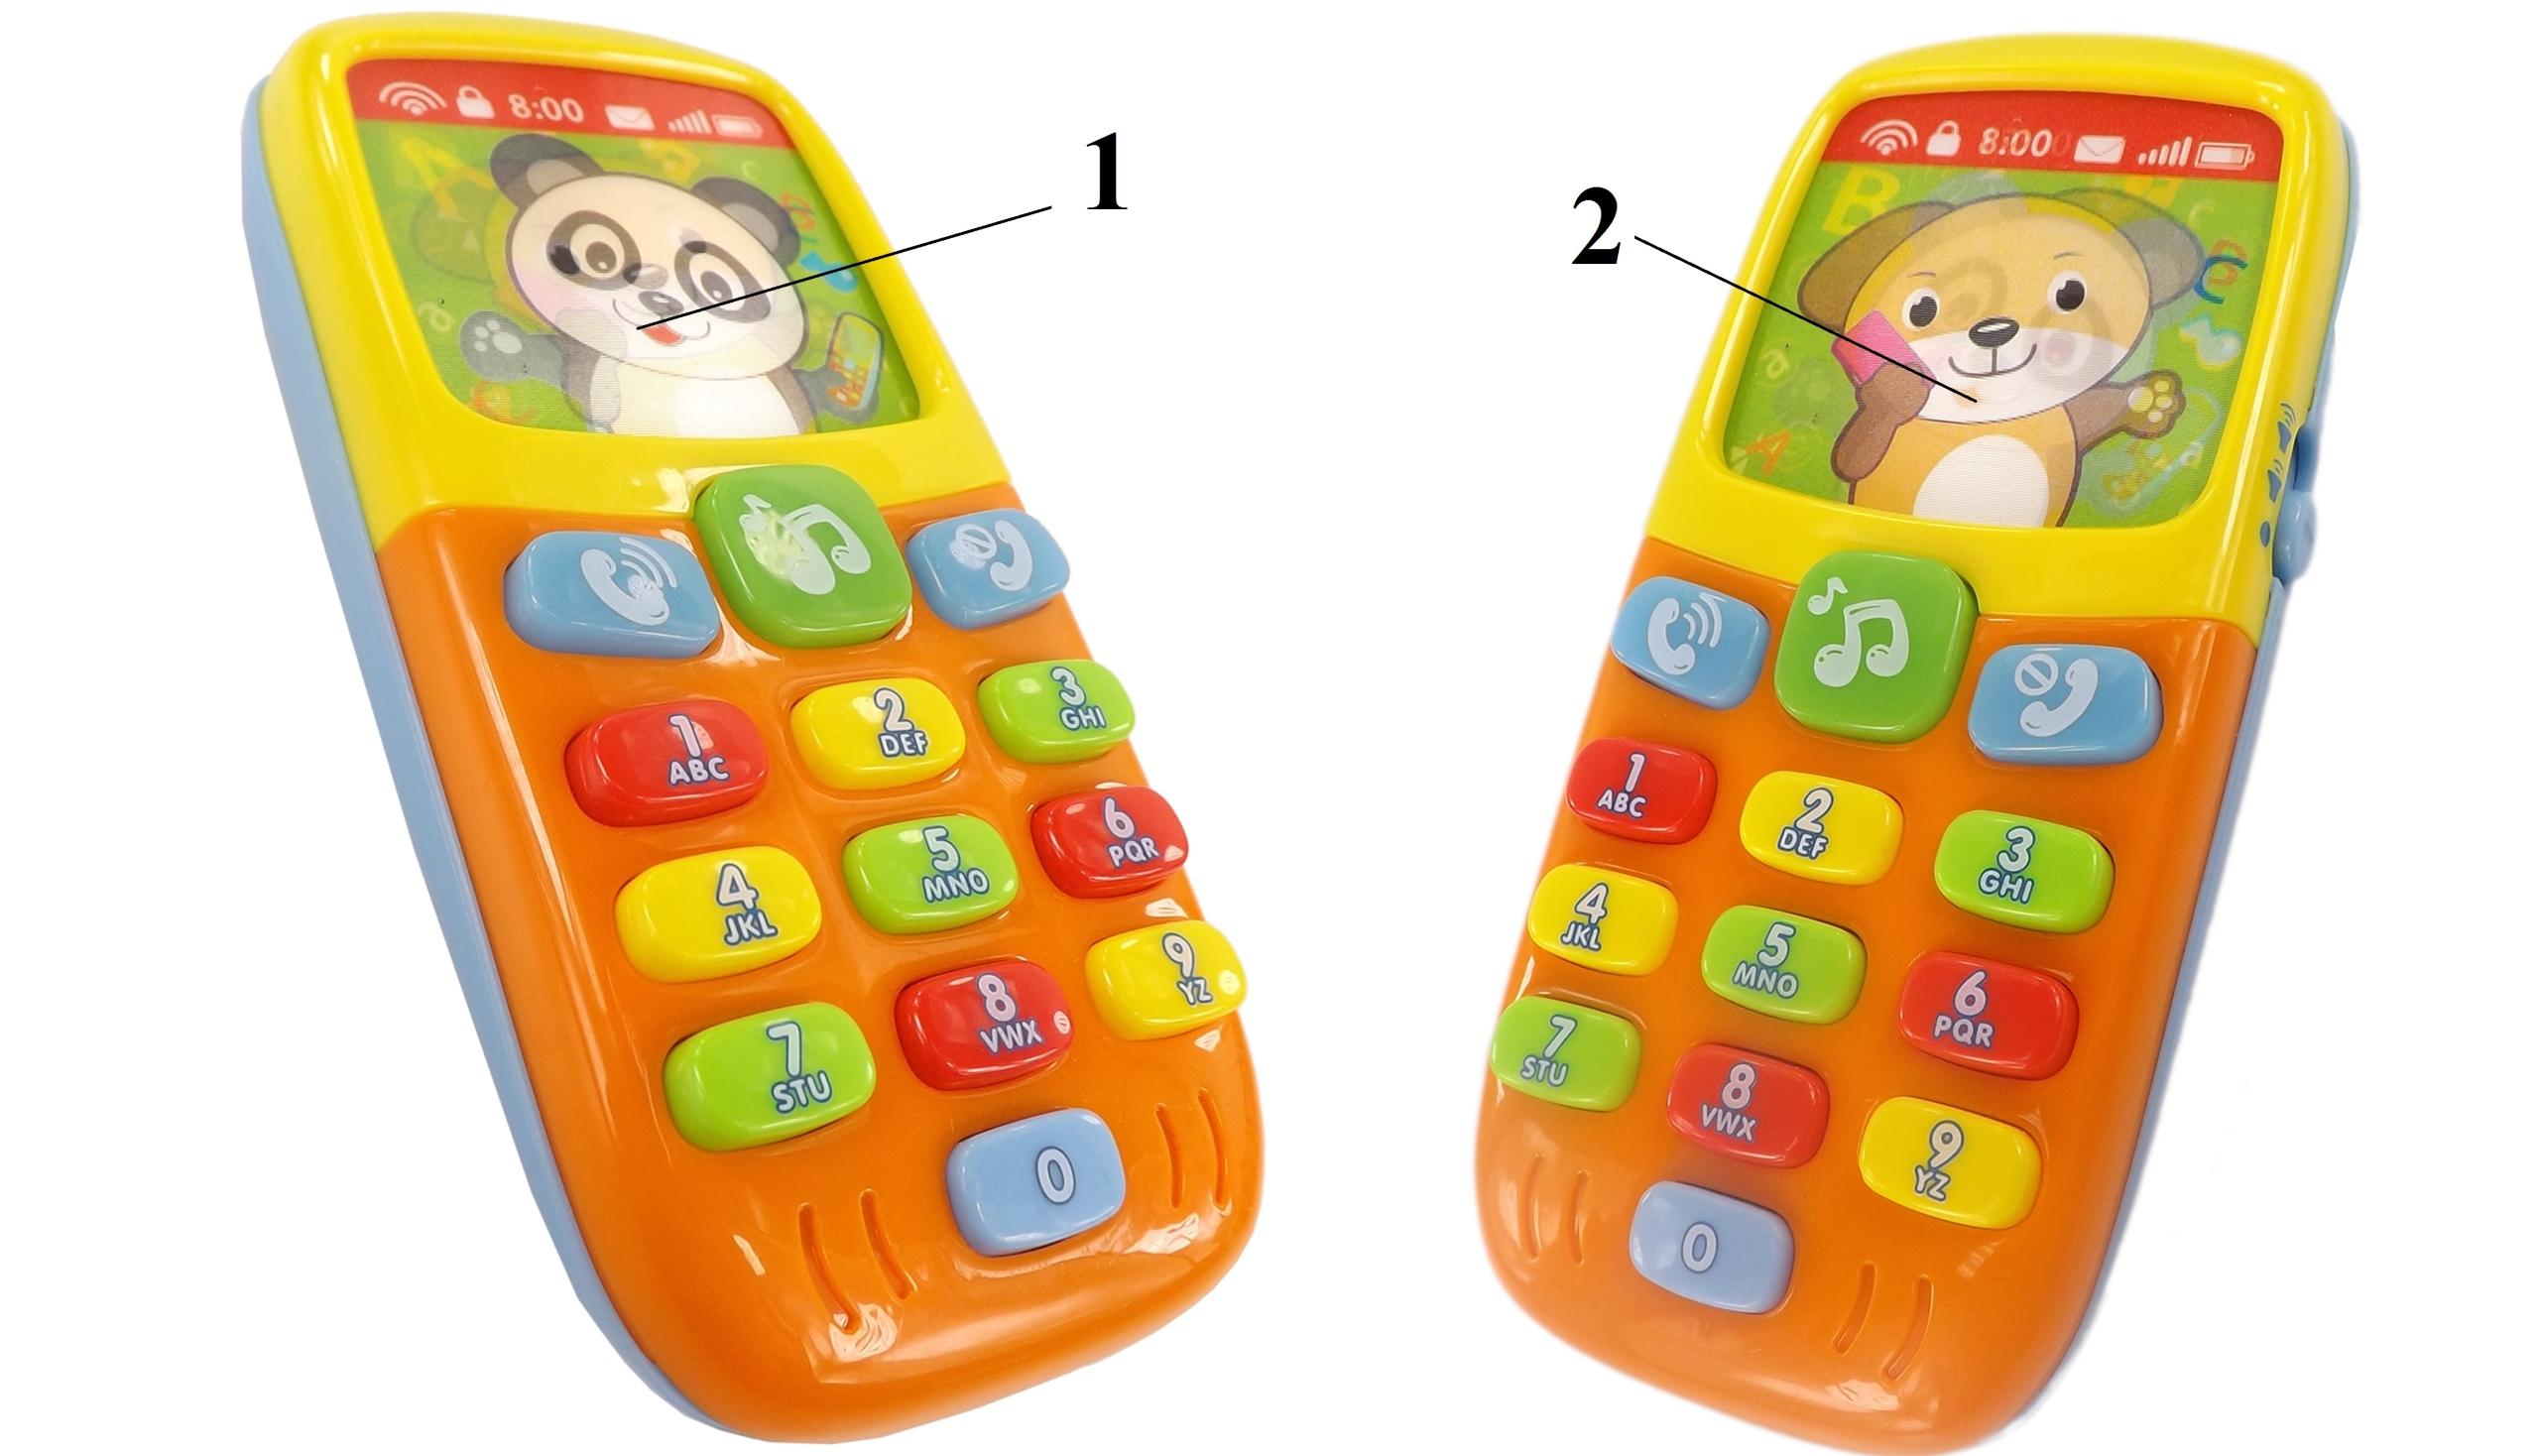 Telefon interaktywny 3D światła i dźwięki 956 EAN 5907508462987